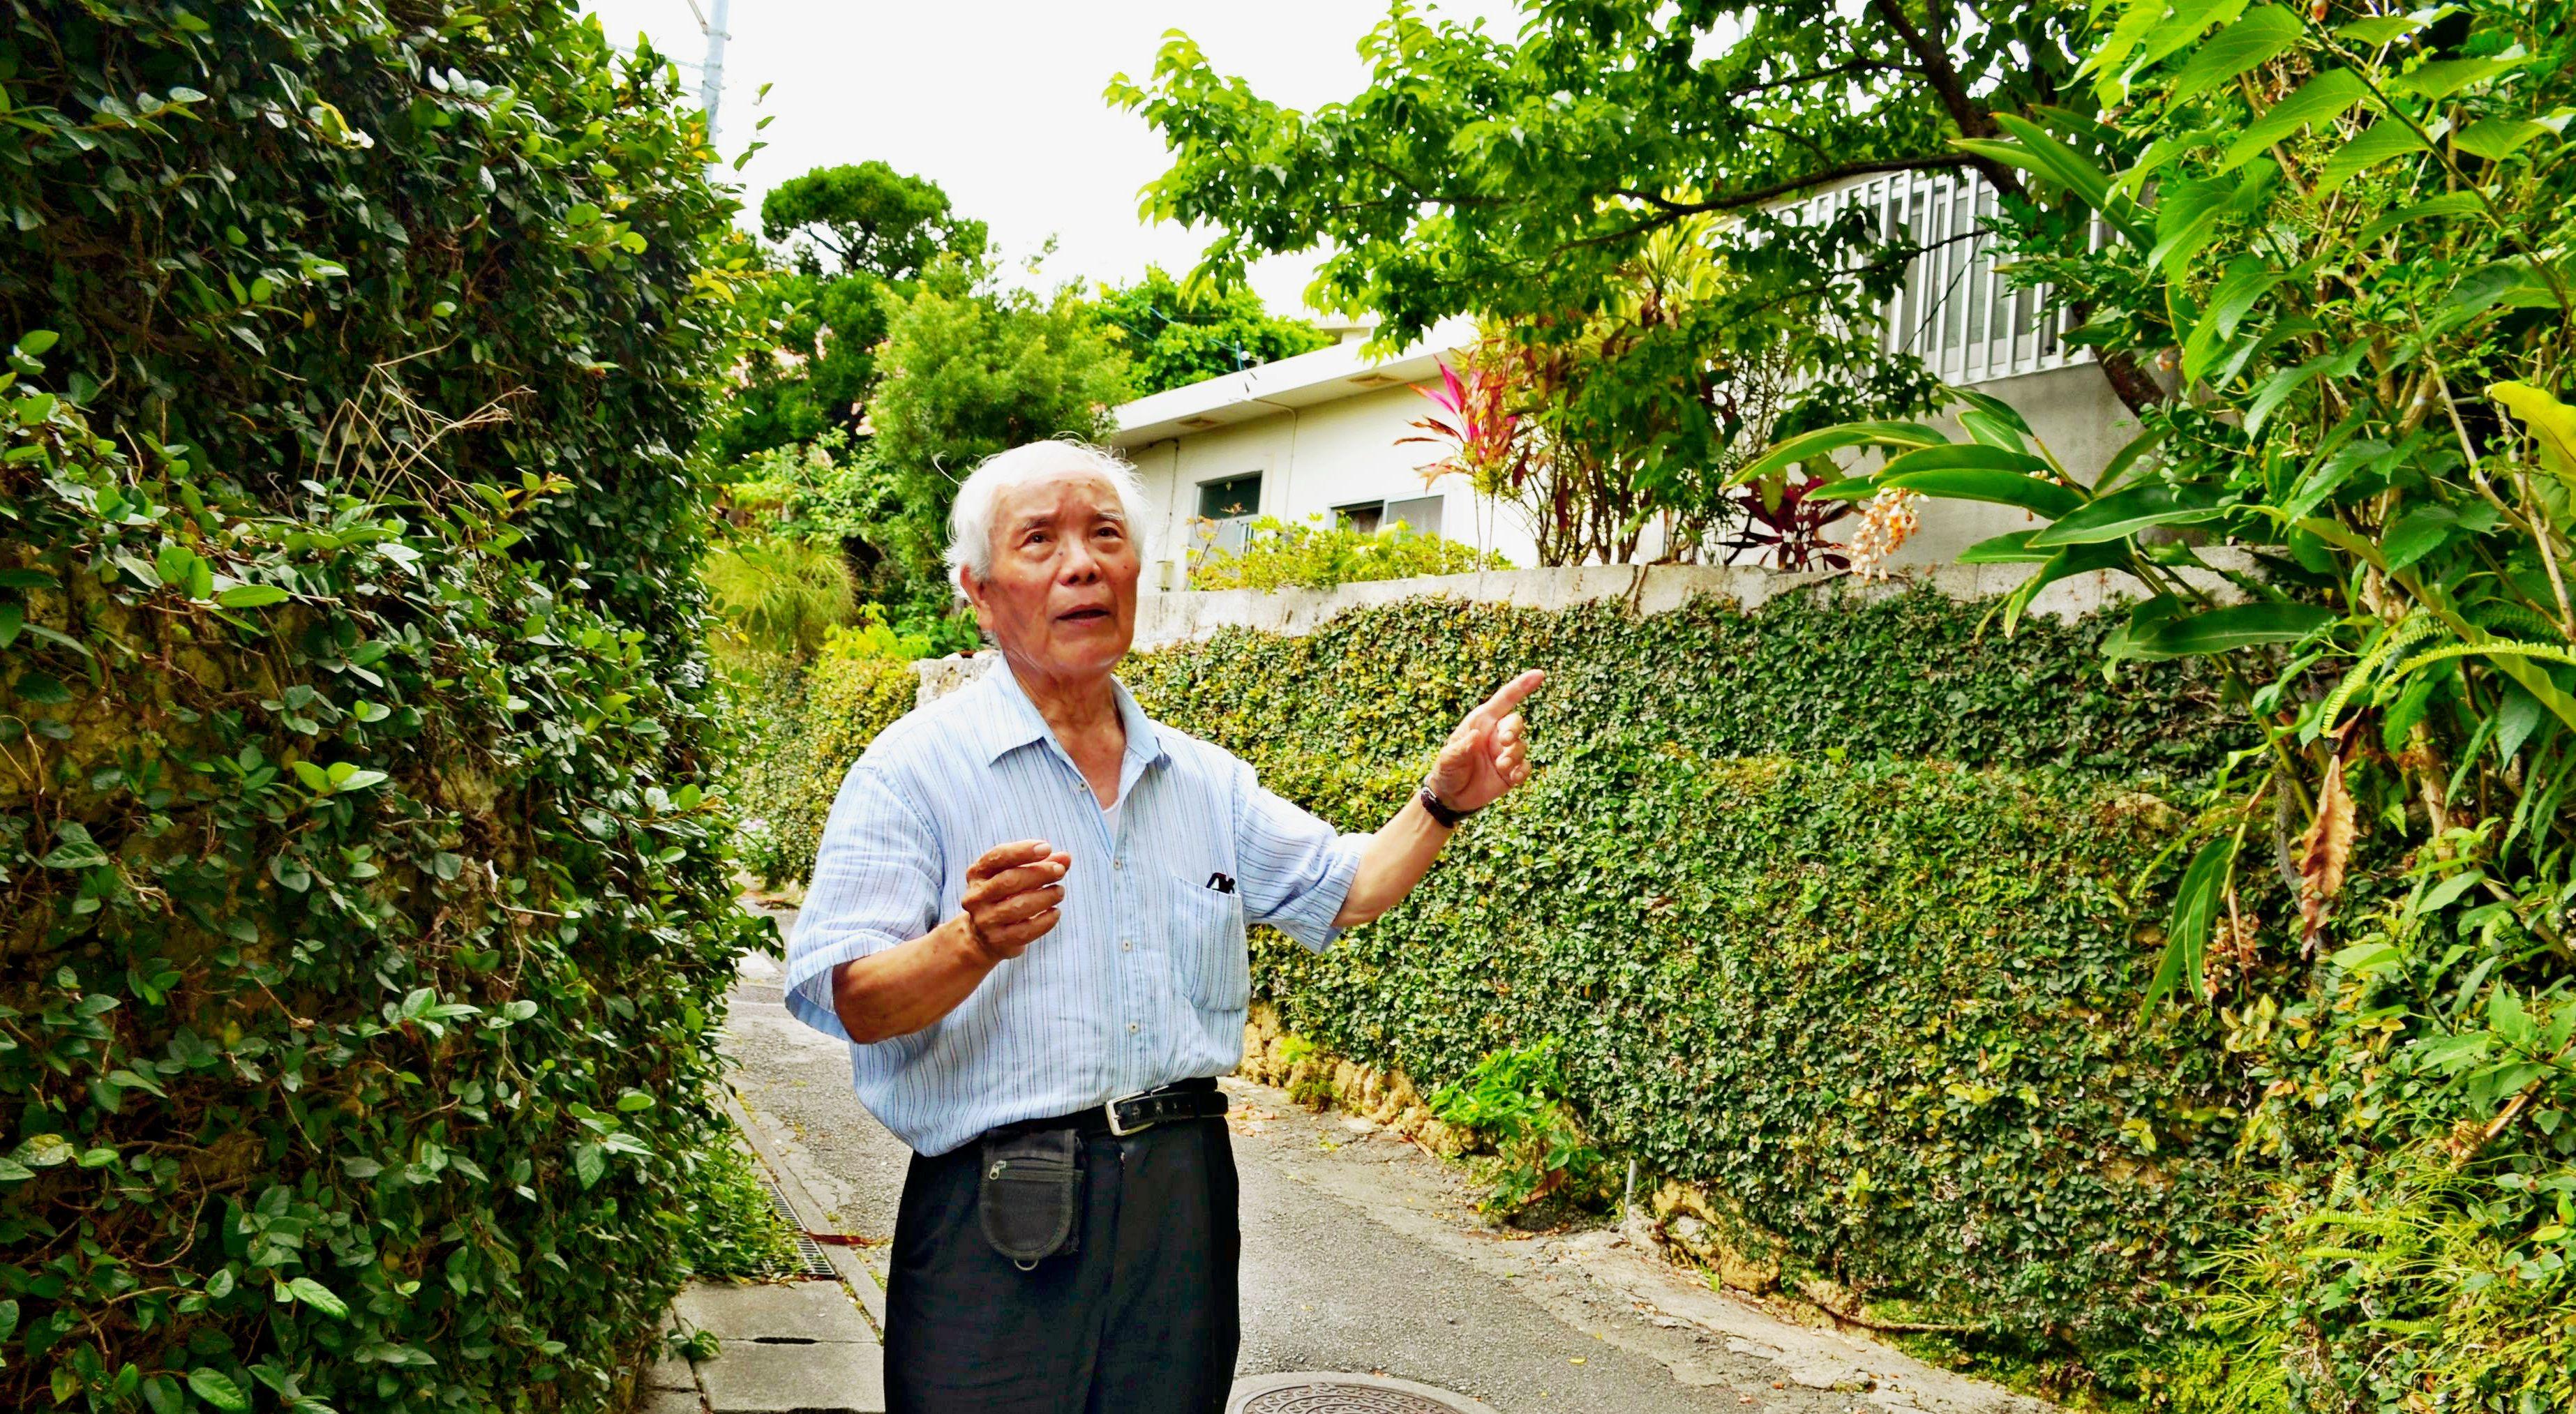 静けさ破る中国語の怒鳴り声 住宅地に現れた「ヤミ民泊」 住民も把握できず